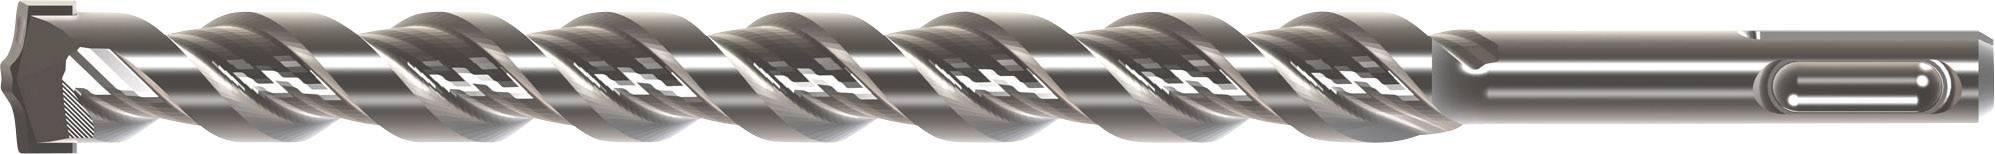 Příklepový vrták Heller Bionic SDS Plus, Ø 6,0 mm, délka 110 mm